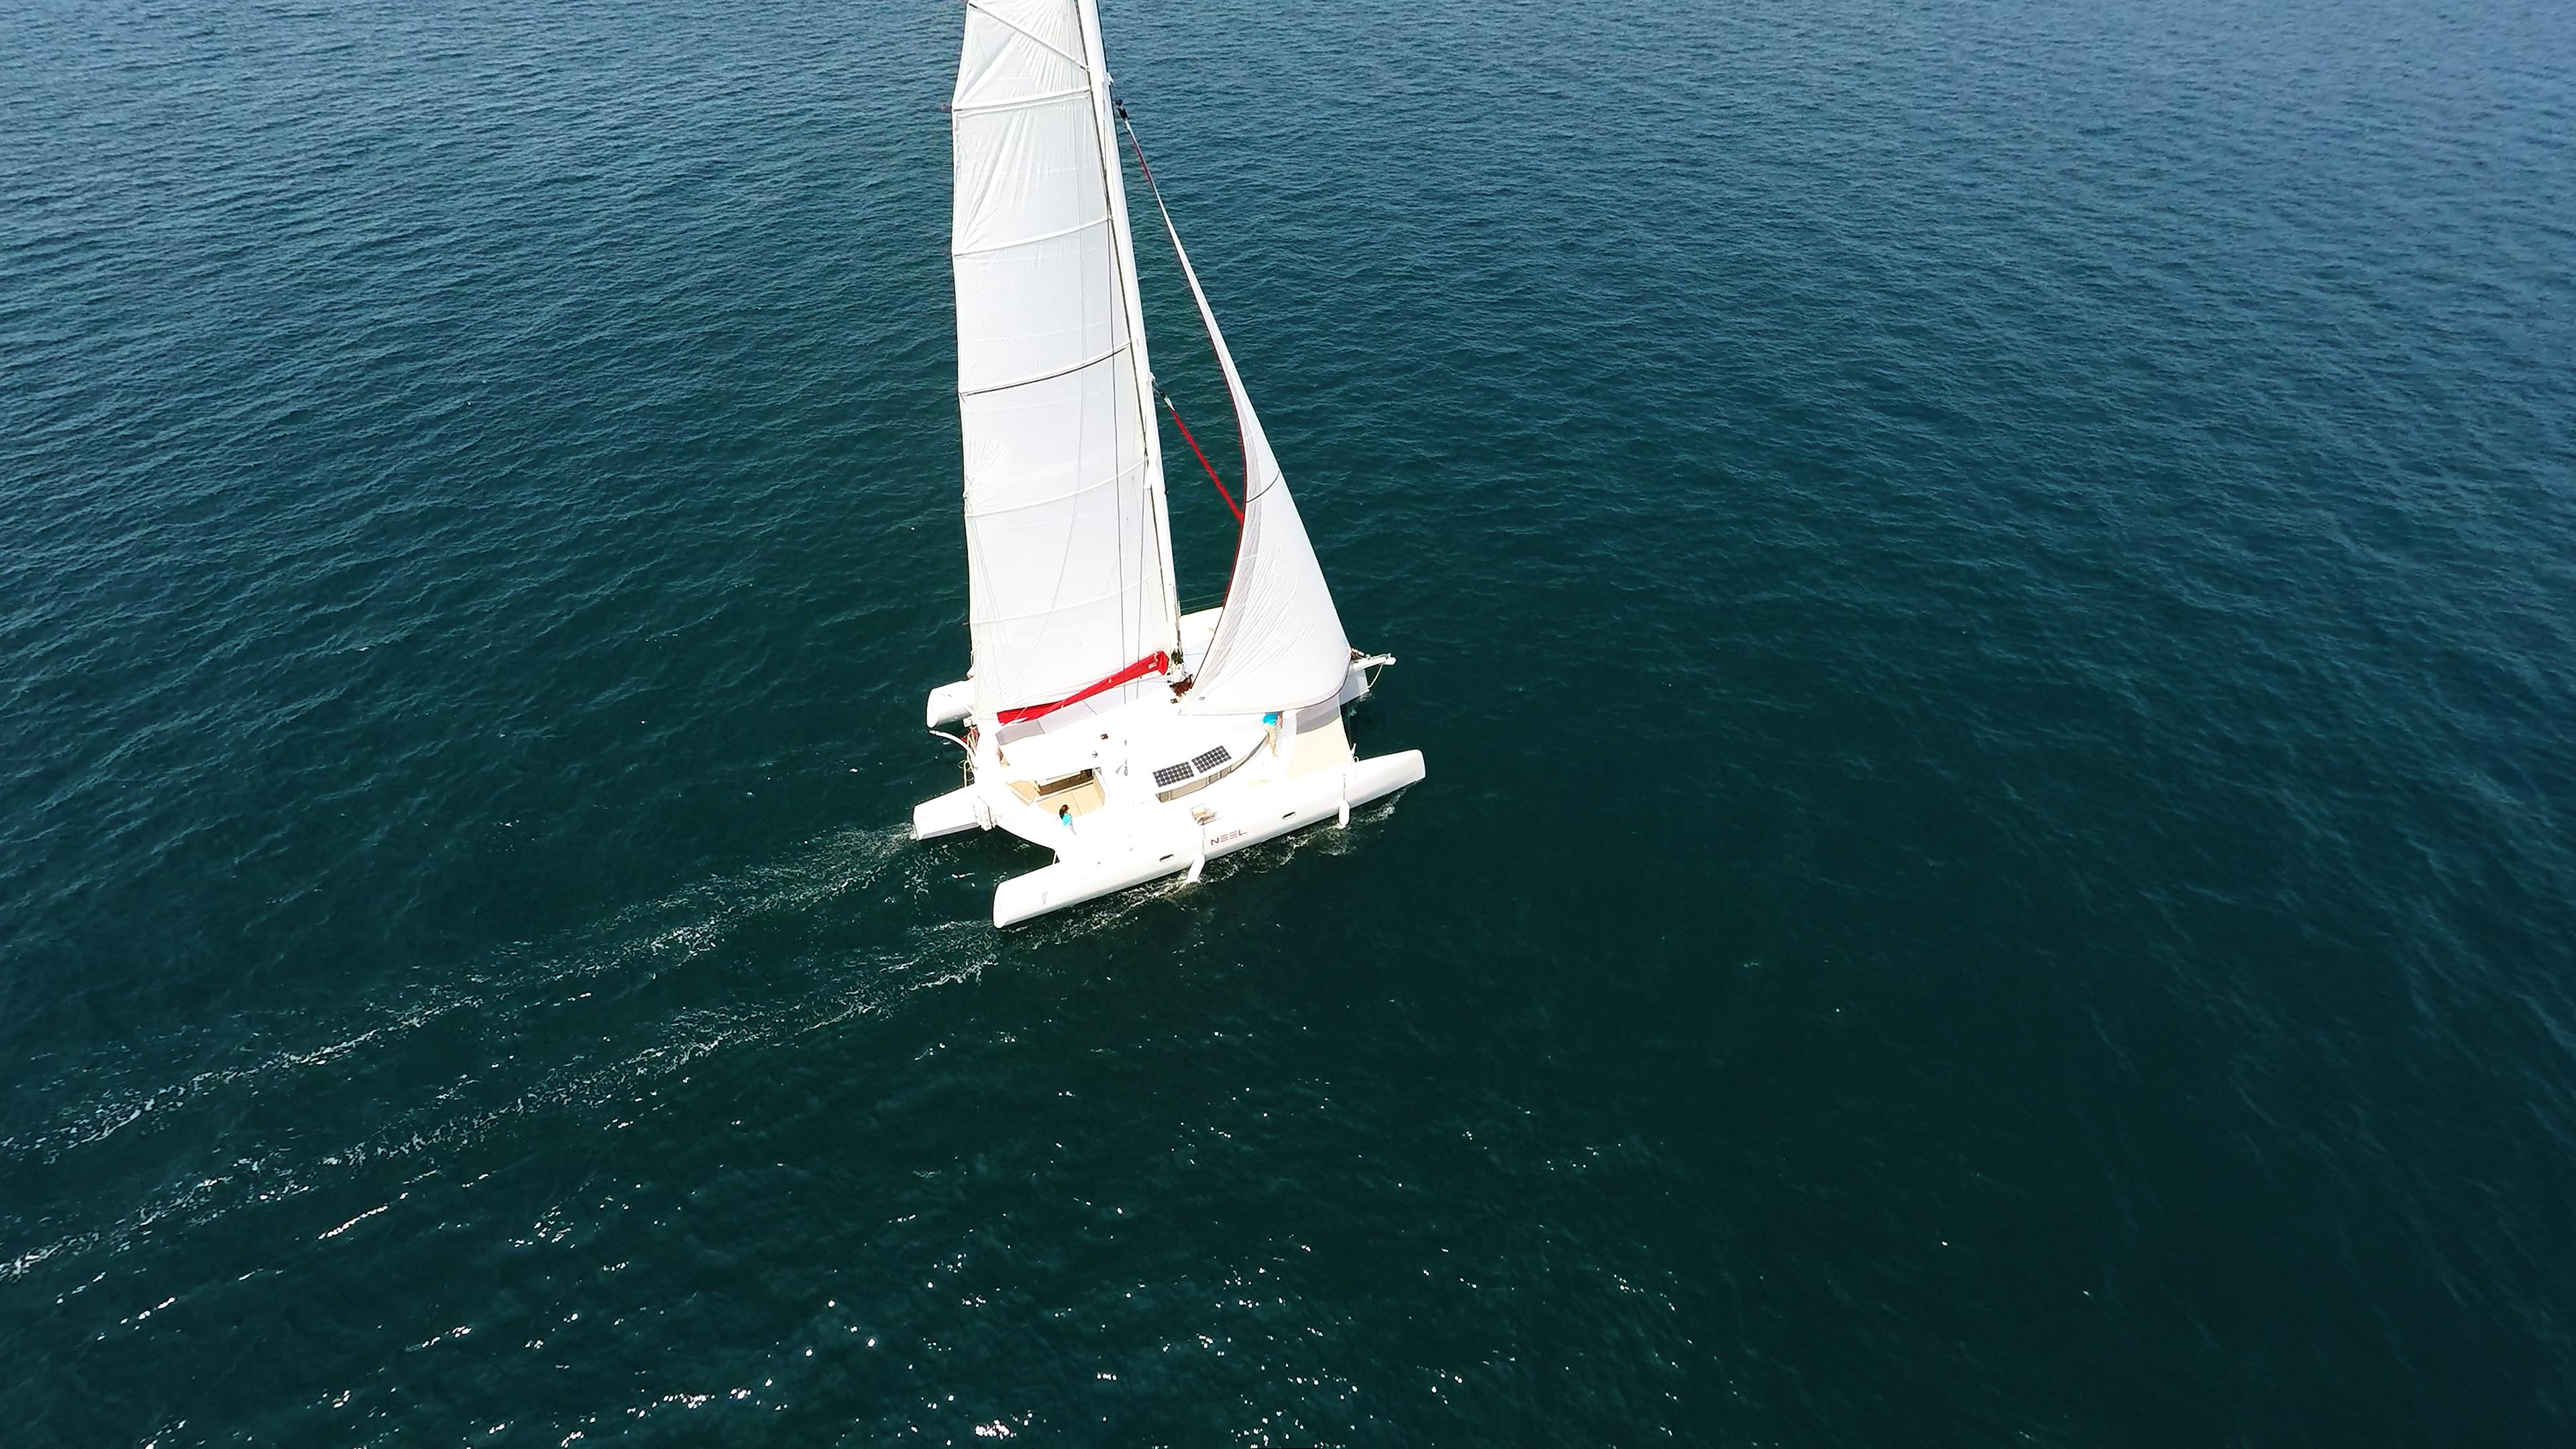 trimaran at sails